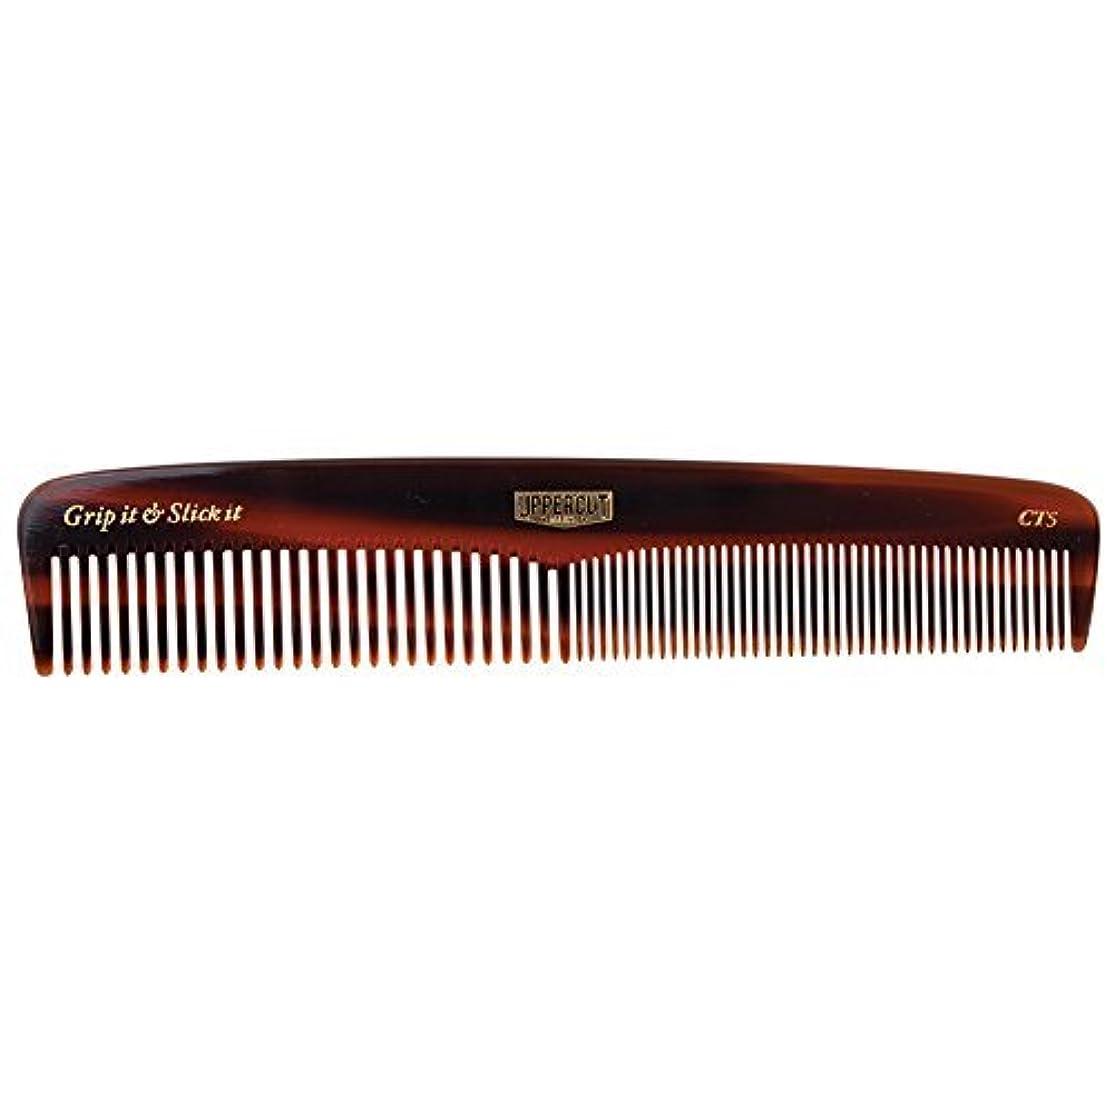 マッサージ検索エンジン最適化不規則性Uppercut Deluxe CT5 Tortoise Shell Comb - Easy to Use, Pocket Sized - Grip It & Slick It [並行輸入品]